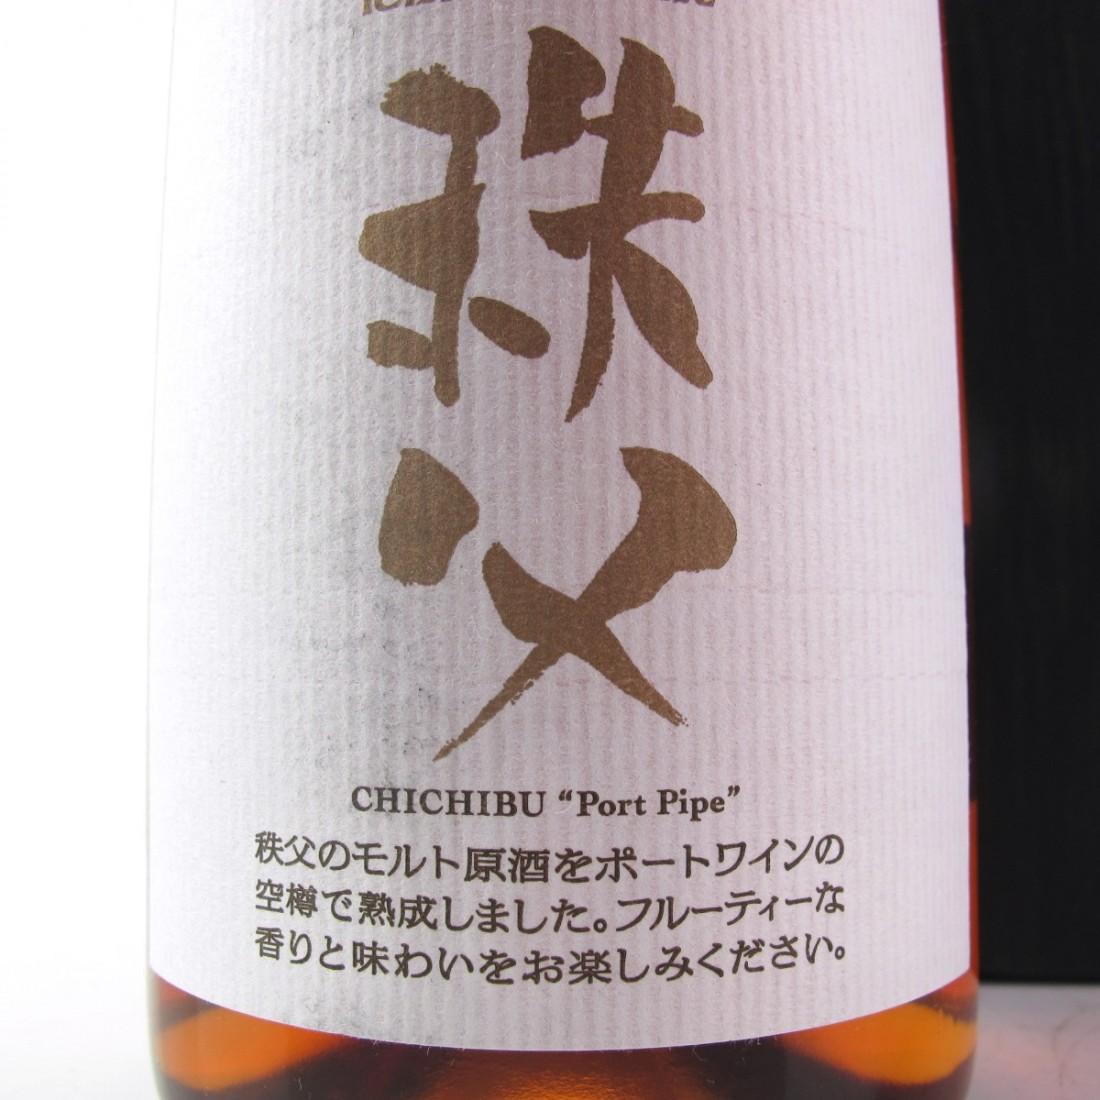 Chichibu 2008 Ichiro's Malt Port Pipe